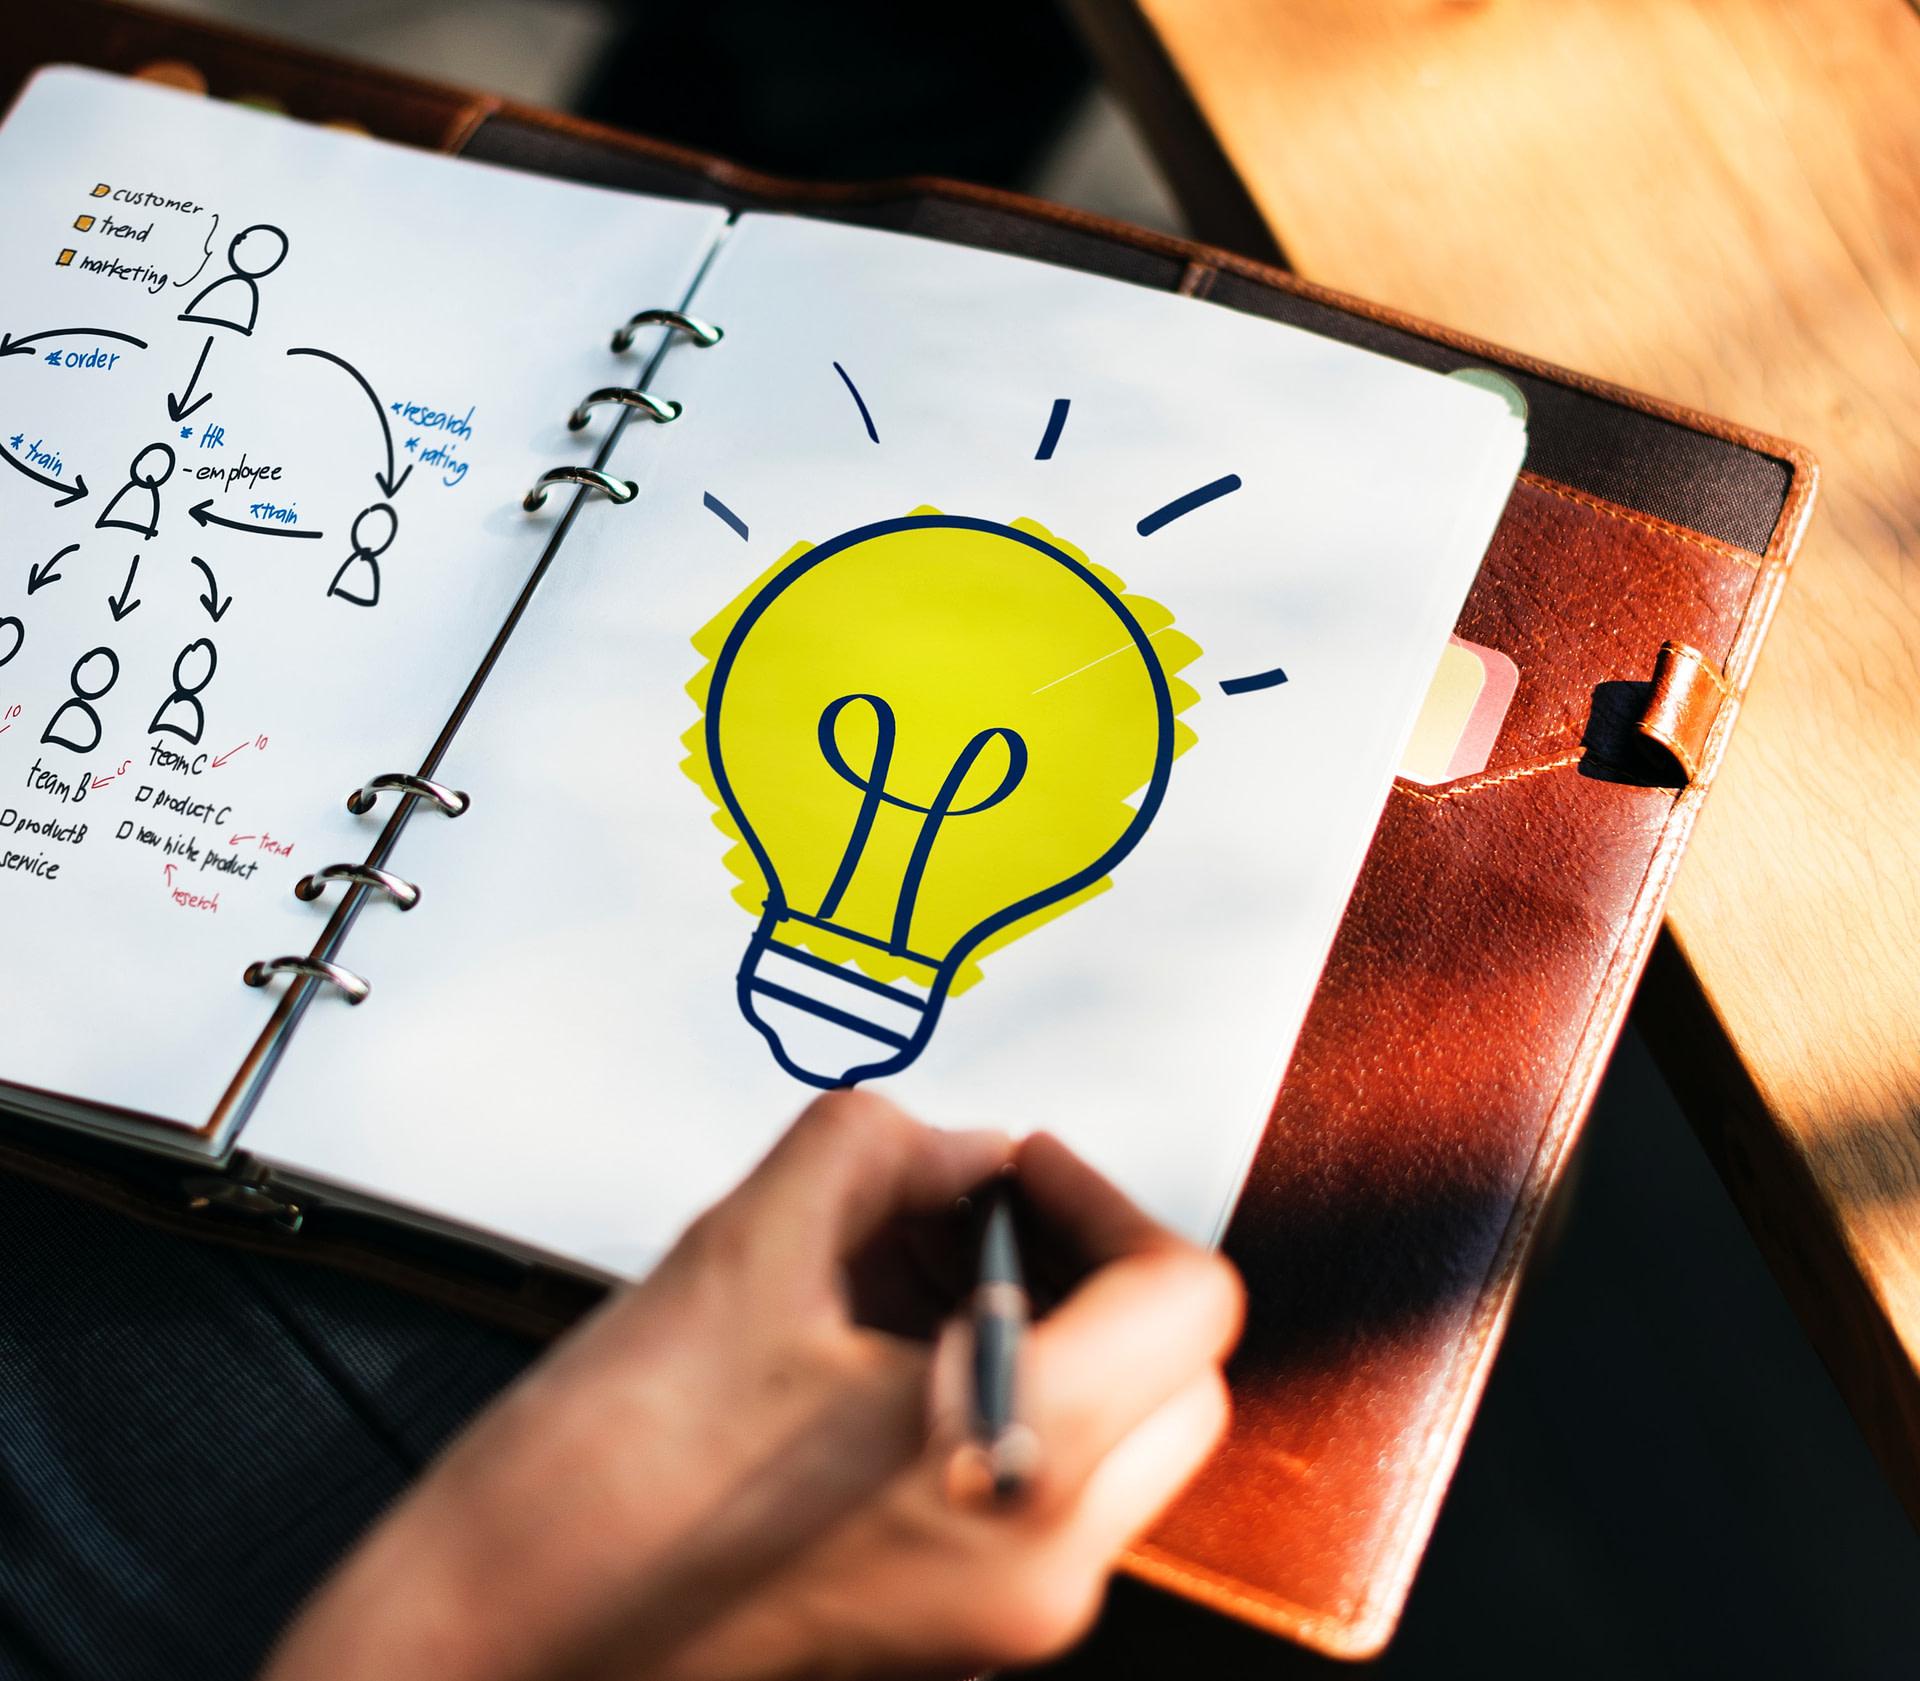 co-creatie Vijf manieren om co-creatie te bevorderen Ideas I OPENER